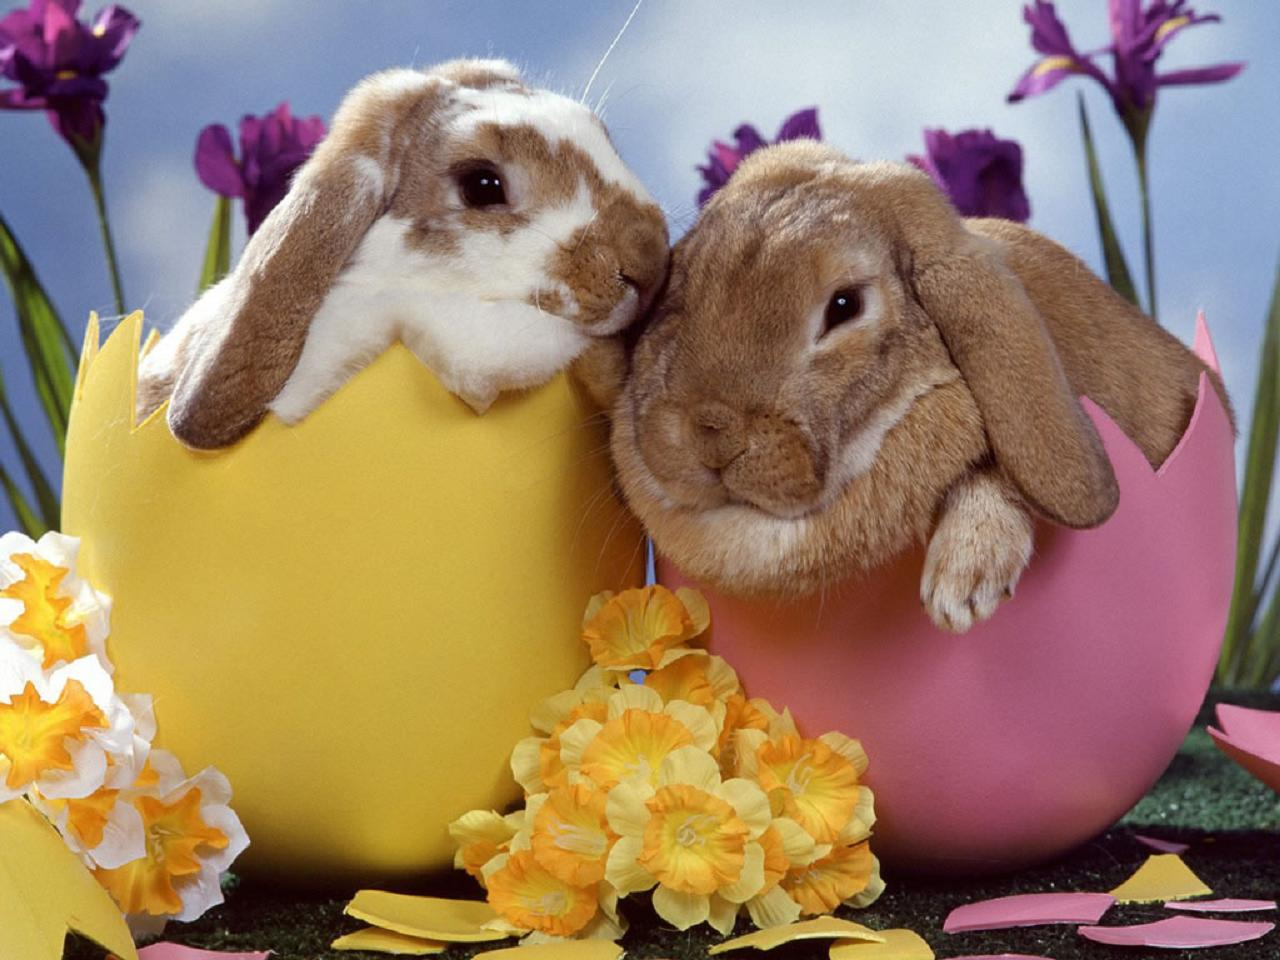 9. The Rabbit